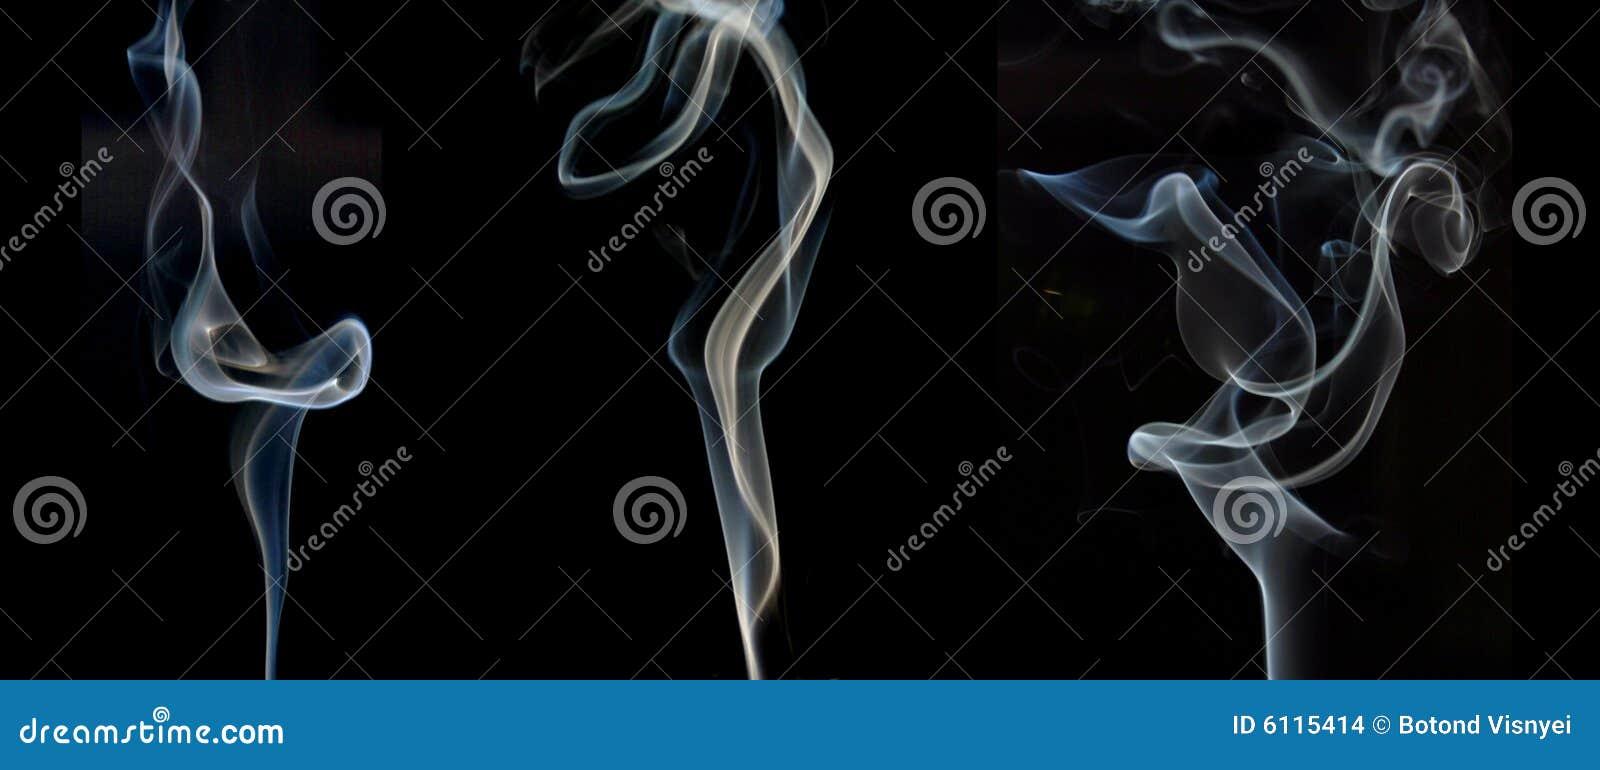 Smoke samples